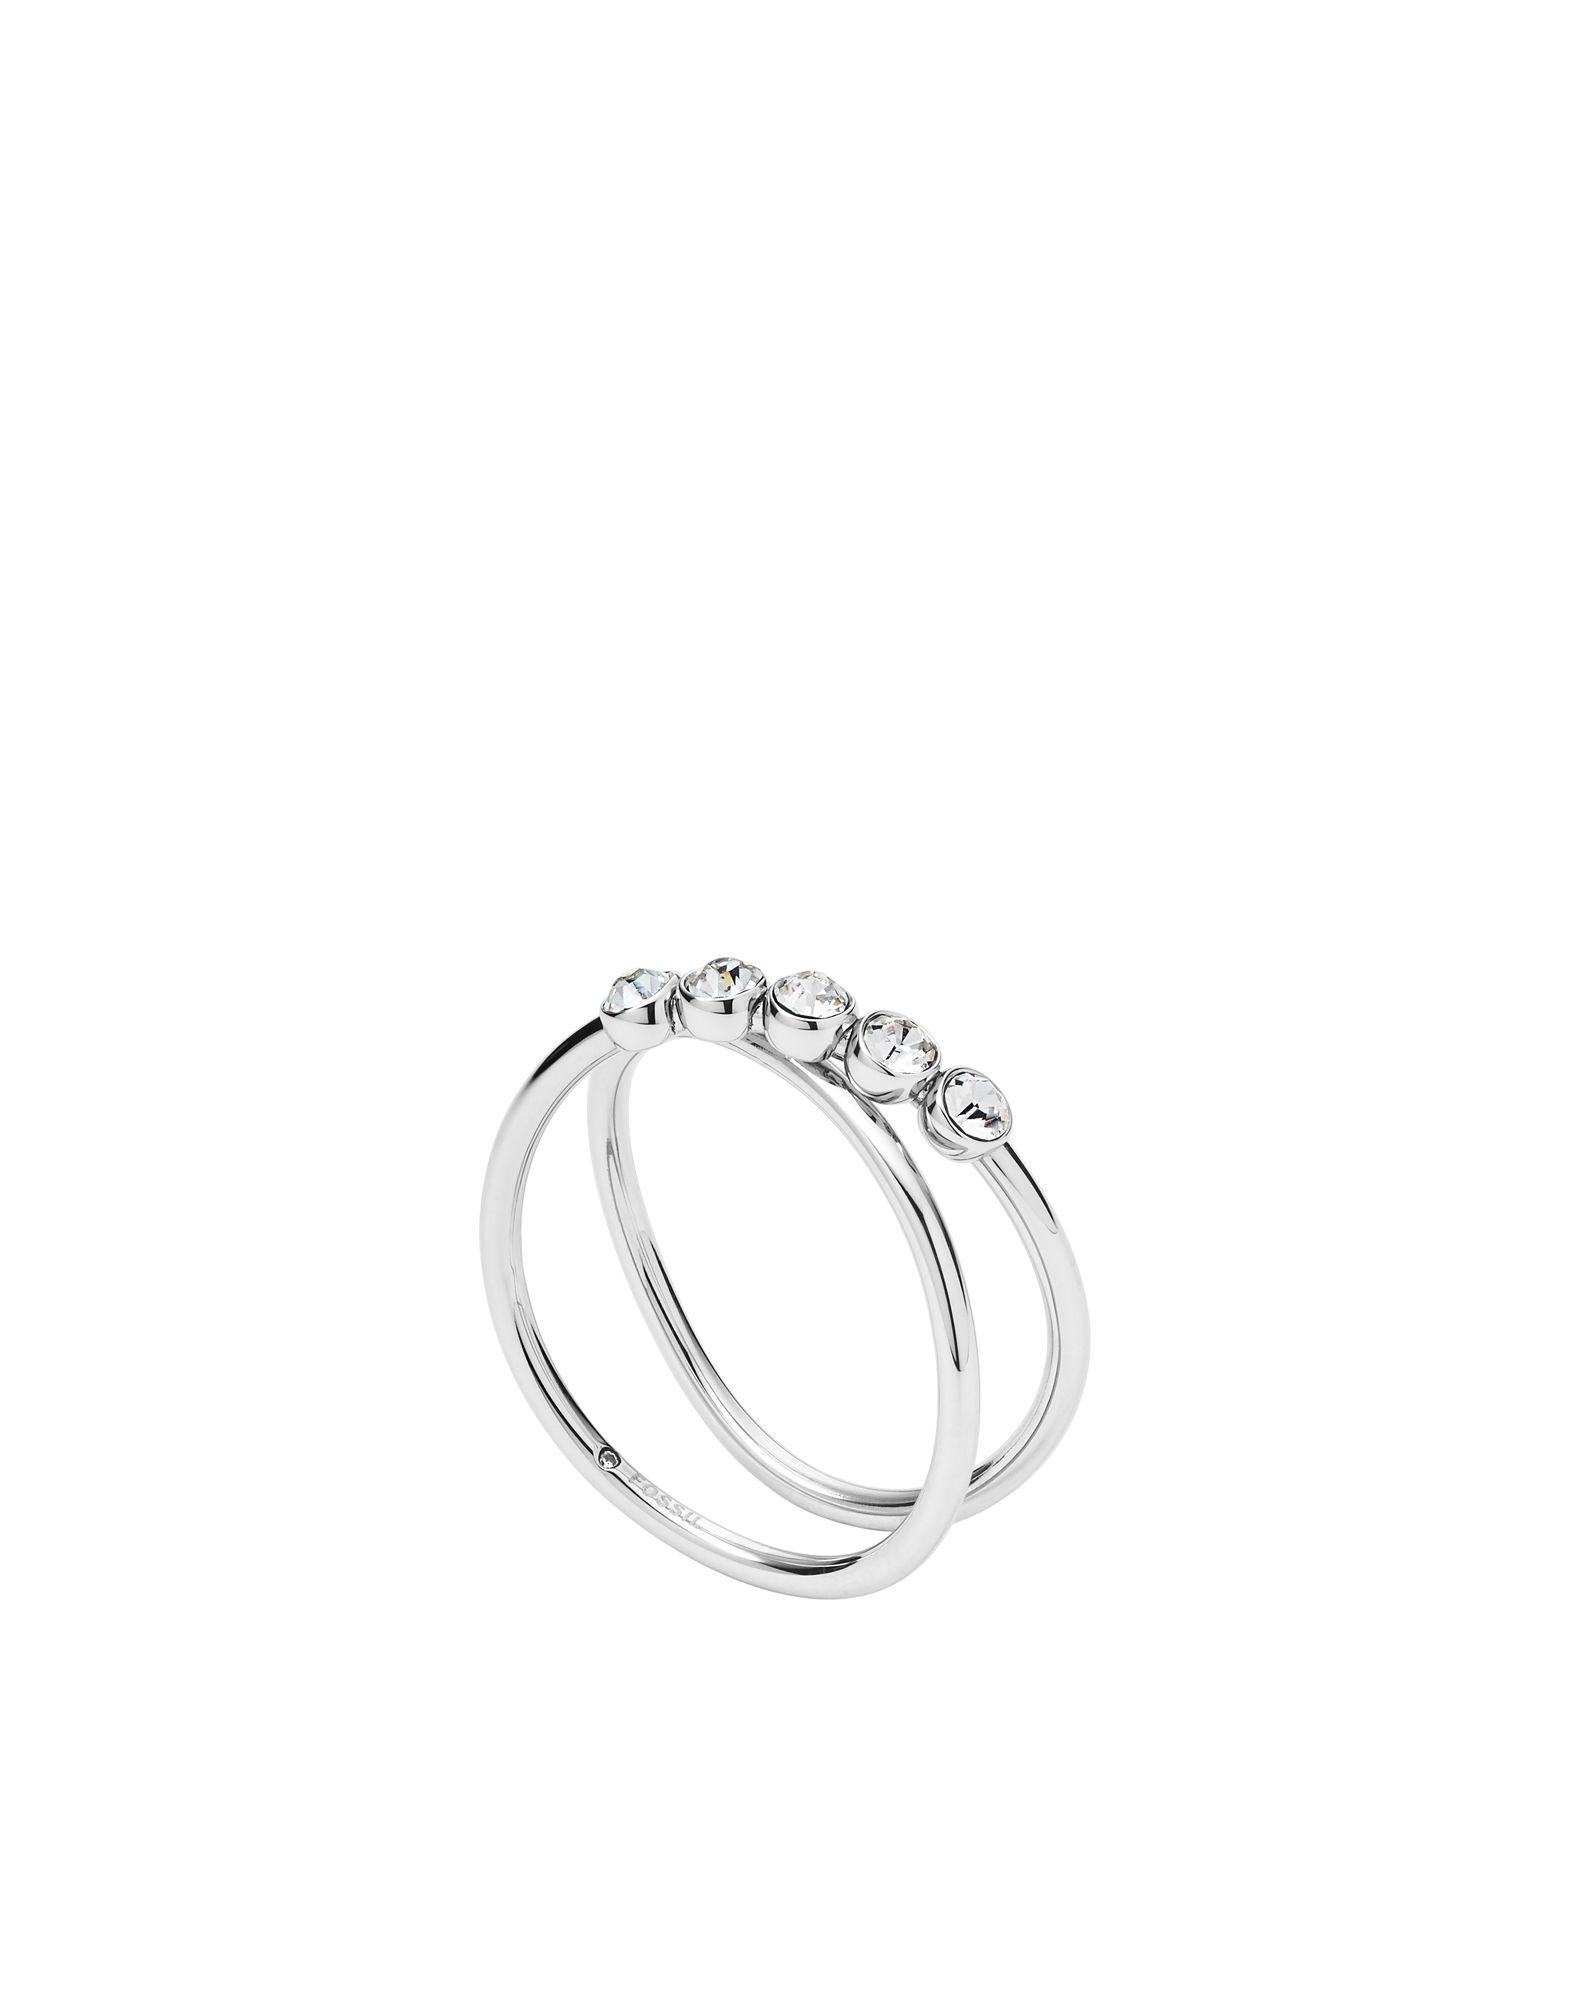 FOSSIL Damen Ring Farbe Silber Größe 17